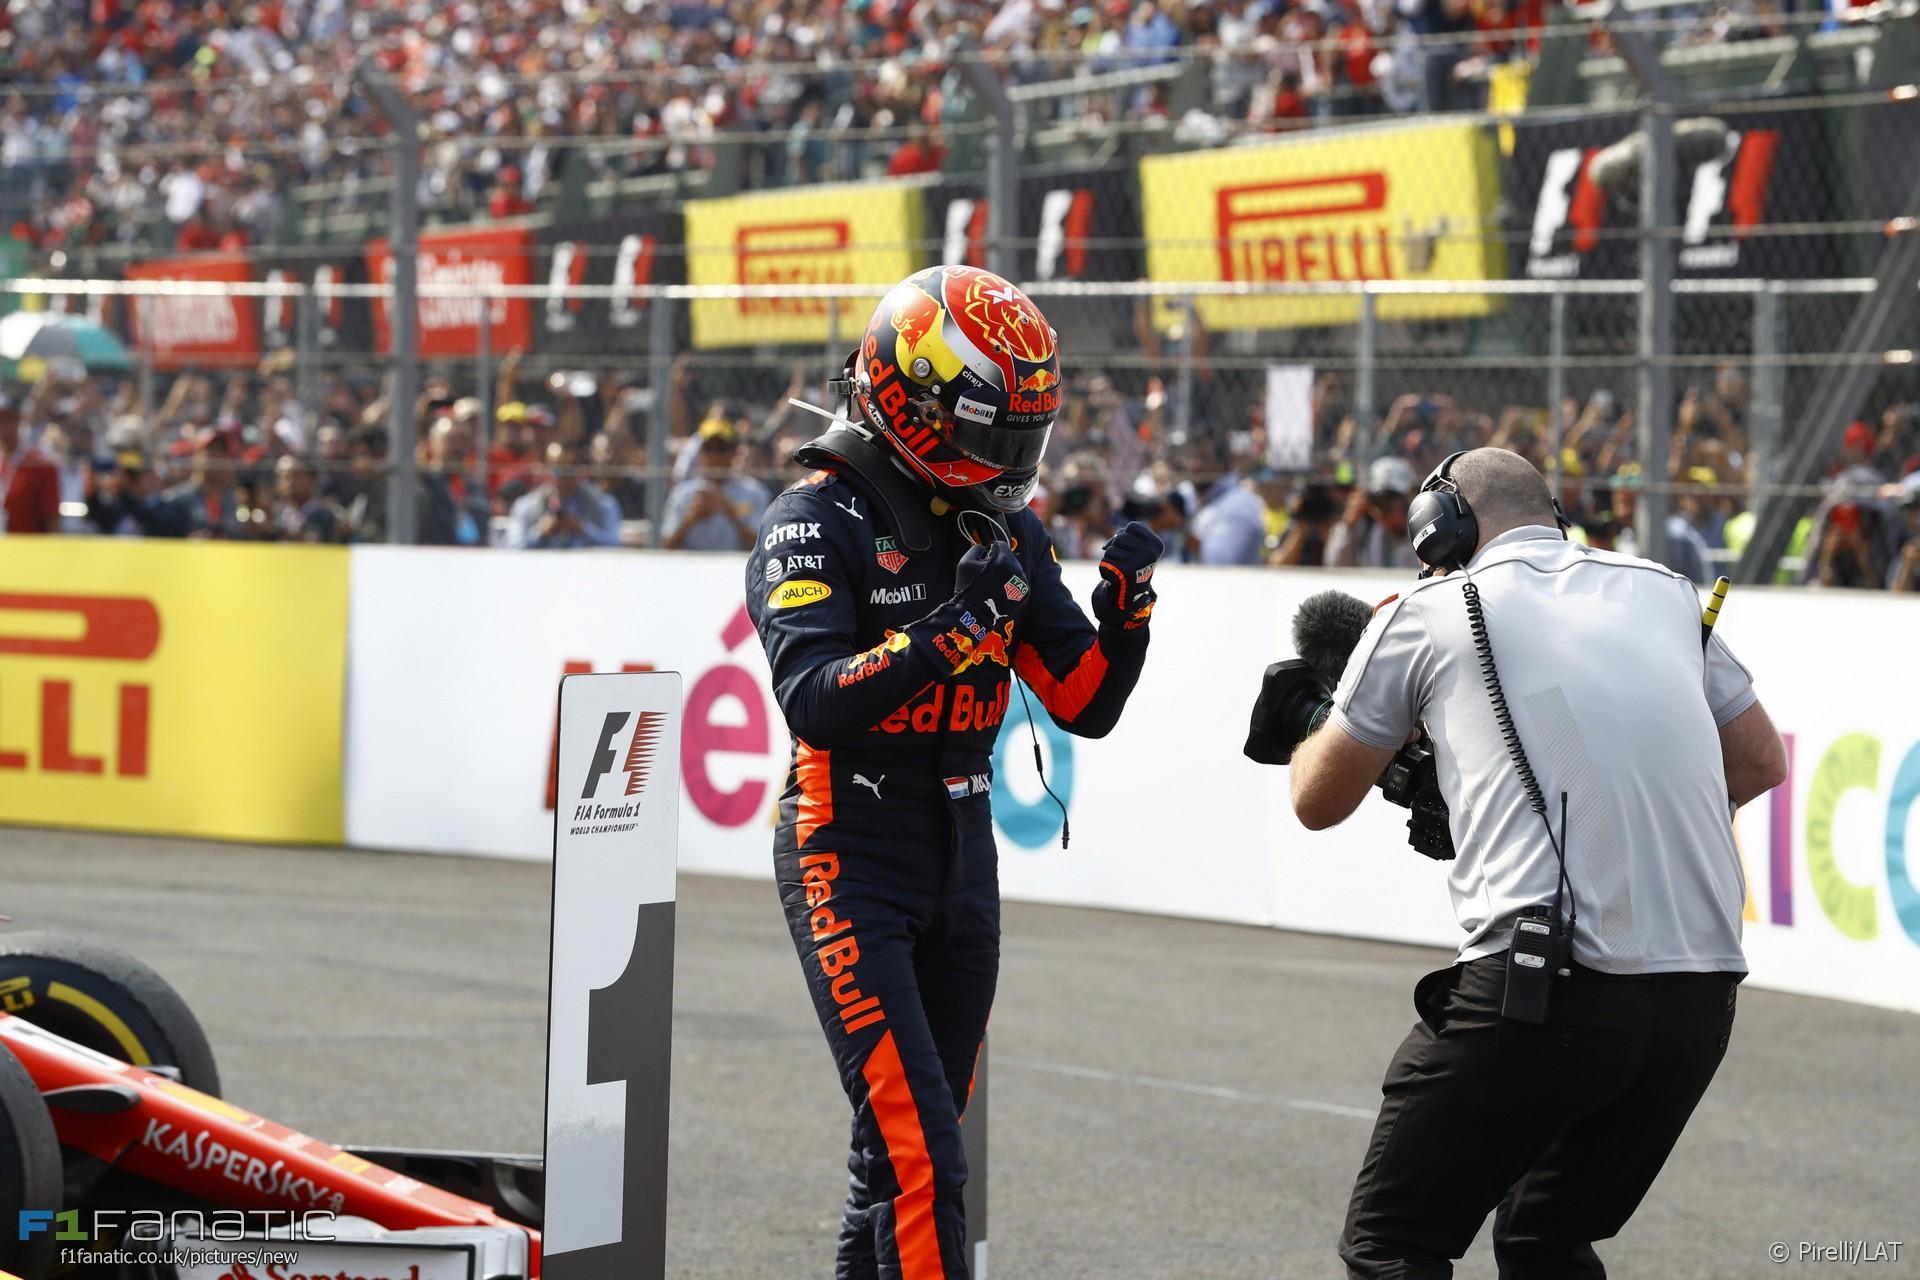 En dat is nummer 3! Voor Verstappen, oppermachtig vandaag! En Lewis Hamilton wereldkampioen der coureurs 2017! Prachtig! #maxverstappen #f1 #mexicangp2017 #lewishamilton